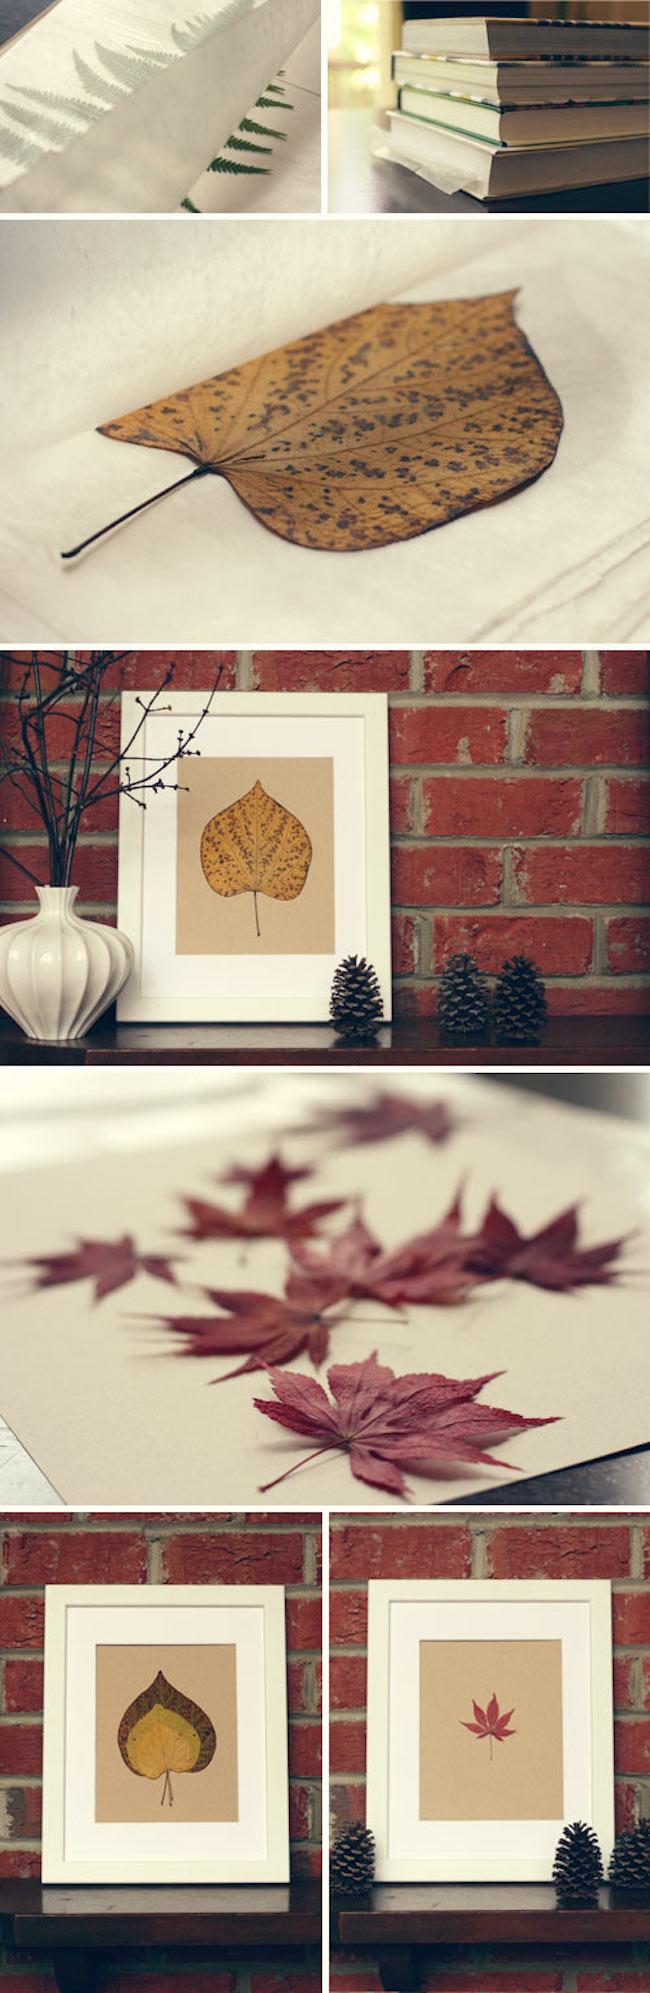 Декор осенними листьями - украшение листьями из гербария